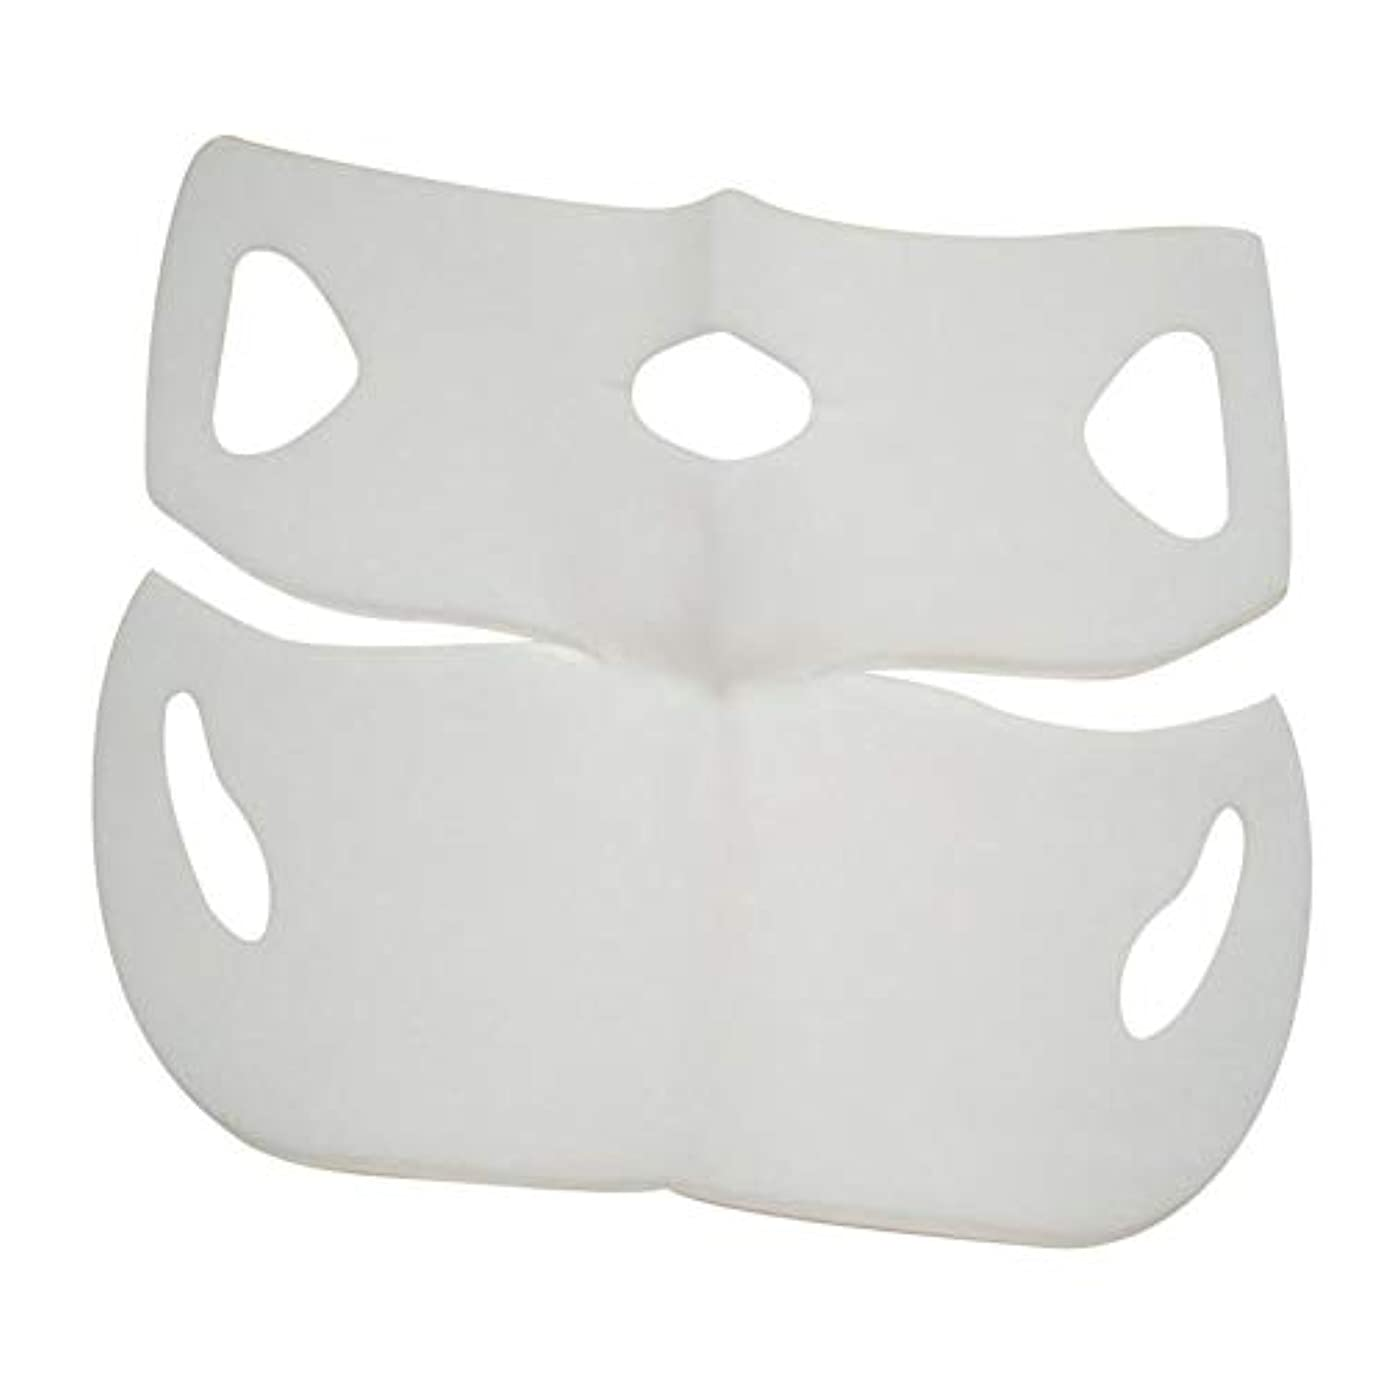 ボート歯不公平SILUN 最新型 4D Vフェイシャルマスク フェイスマスク 小顔 マスク フェイスラインベルト 美顔 顔痩せ 肌ケア 保湿 毛細血管収縮 睡眠マスク